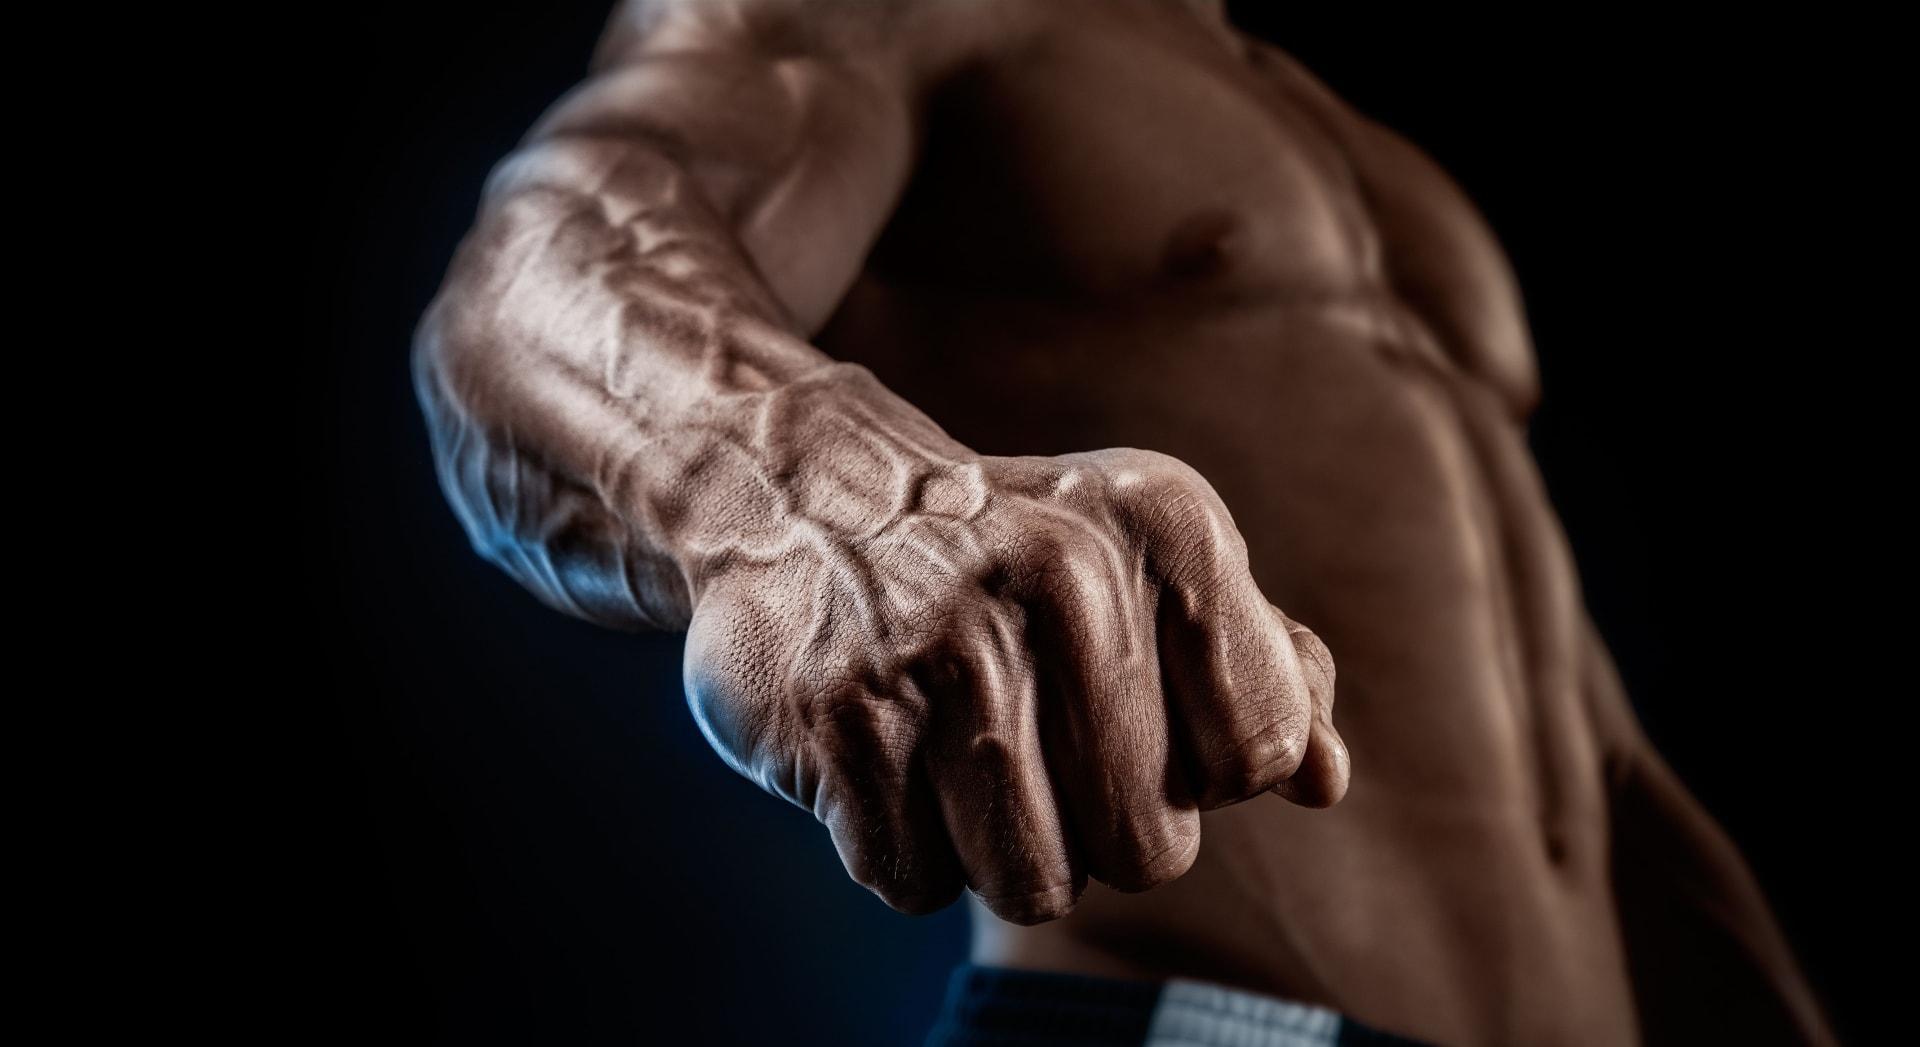 В прошлом веке эволюция была благосклонна к людям с сильными кистями рук